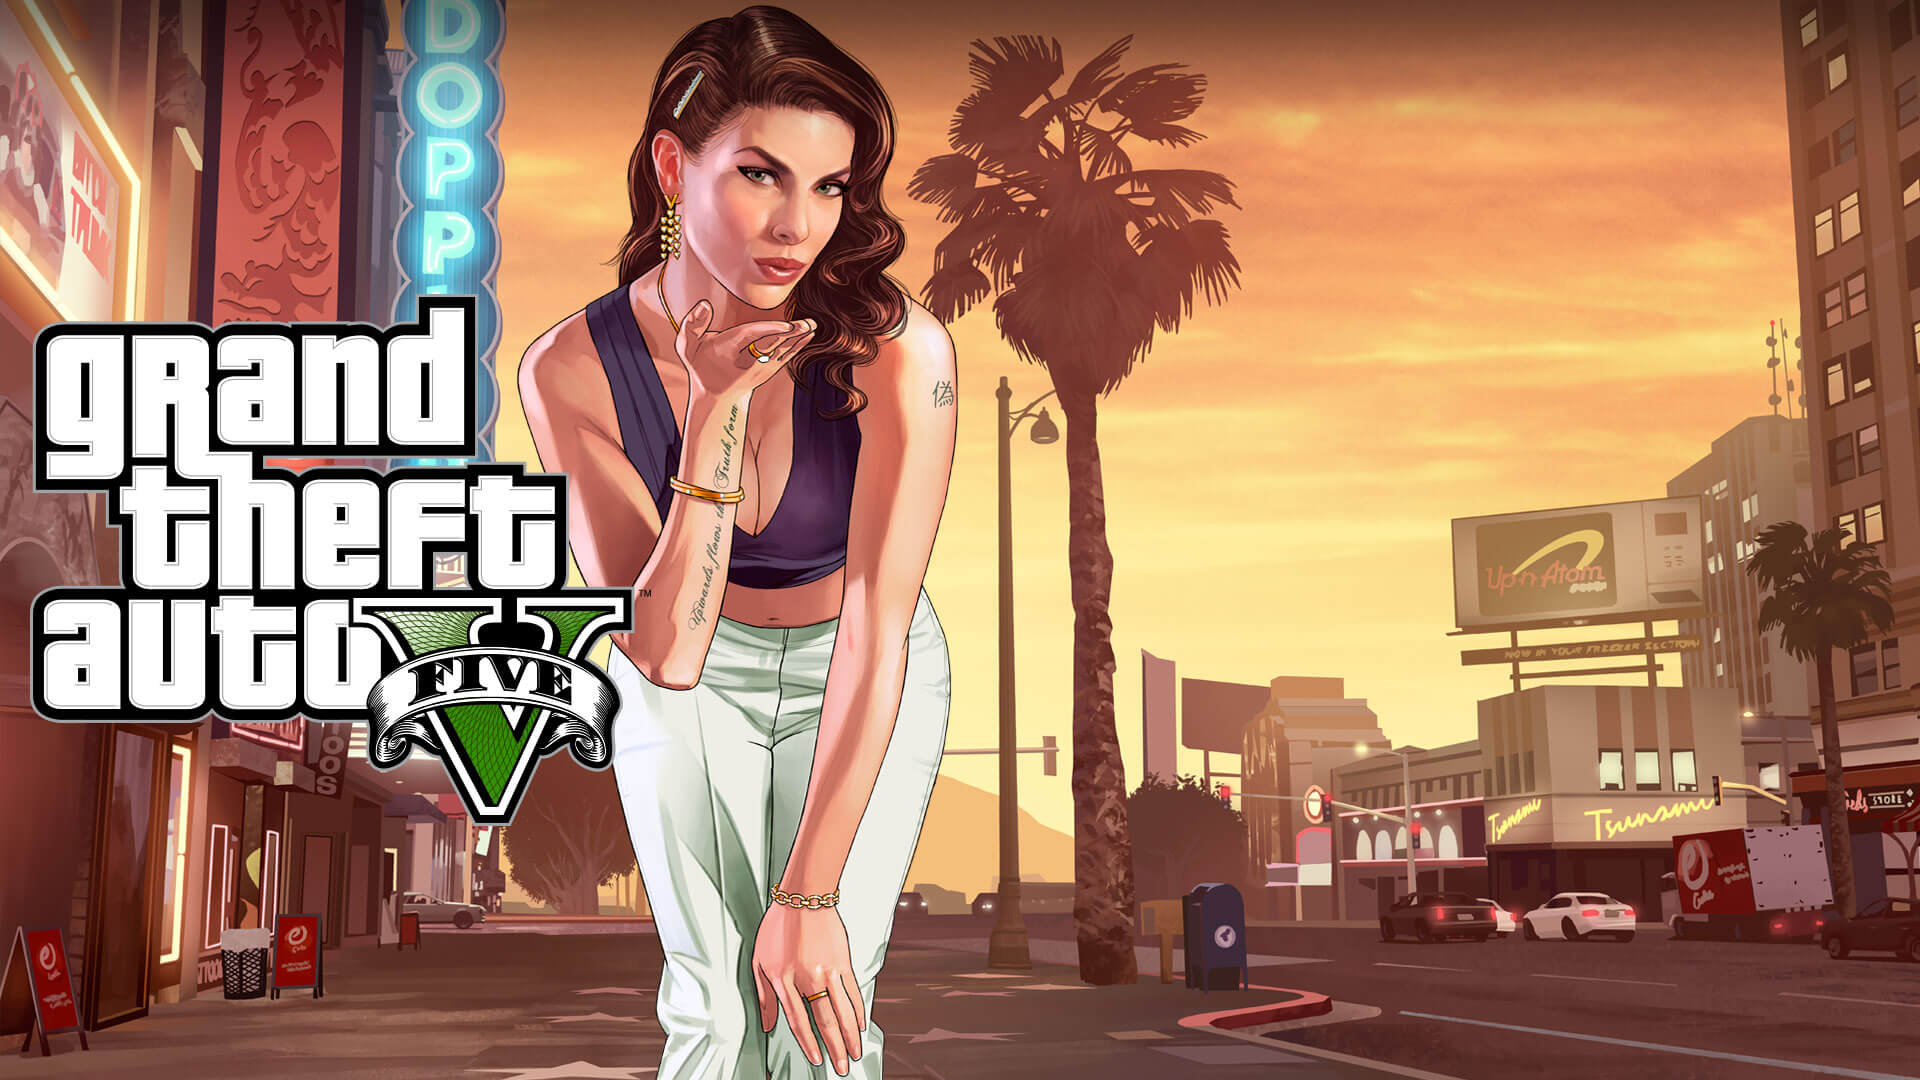 GTA V correrá a 4K y 60 FPS en PS5, según PlayStation Alemania